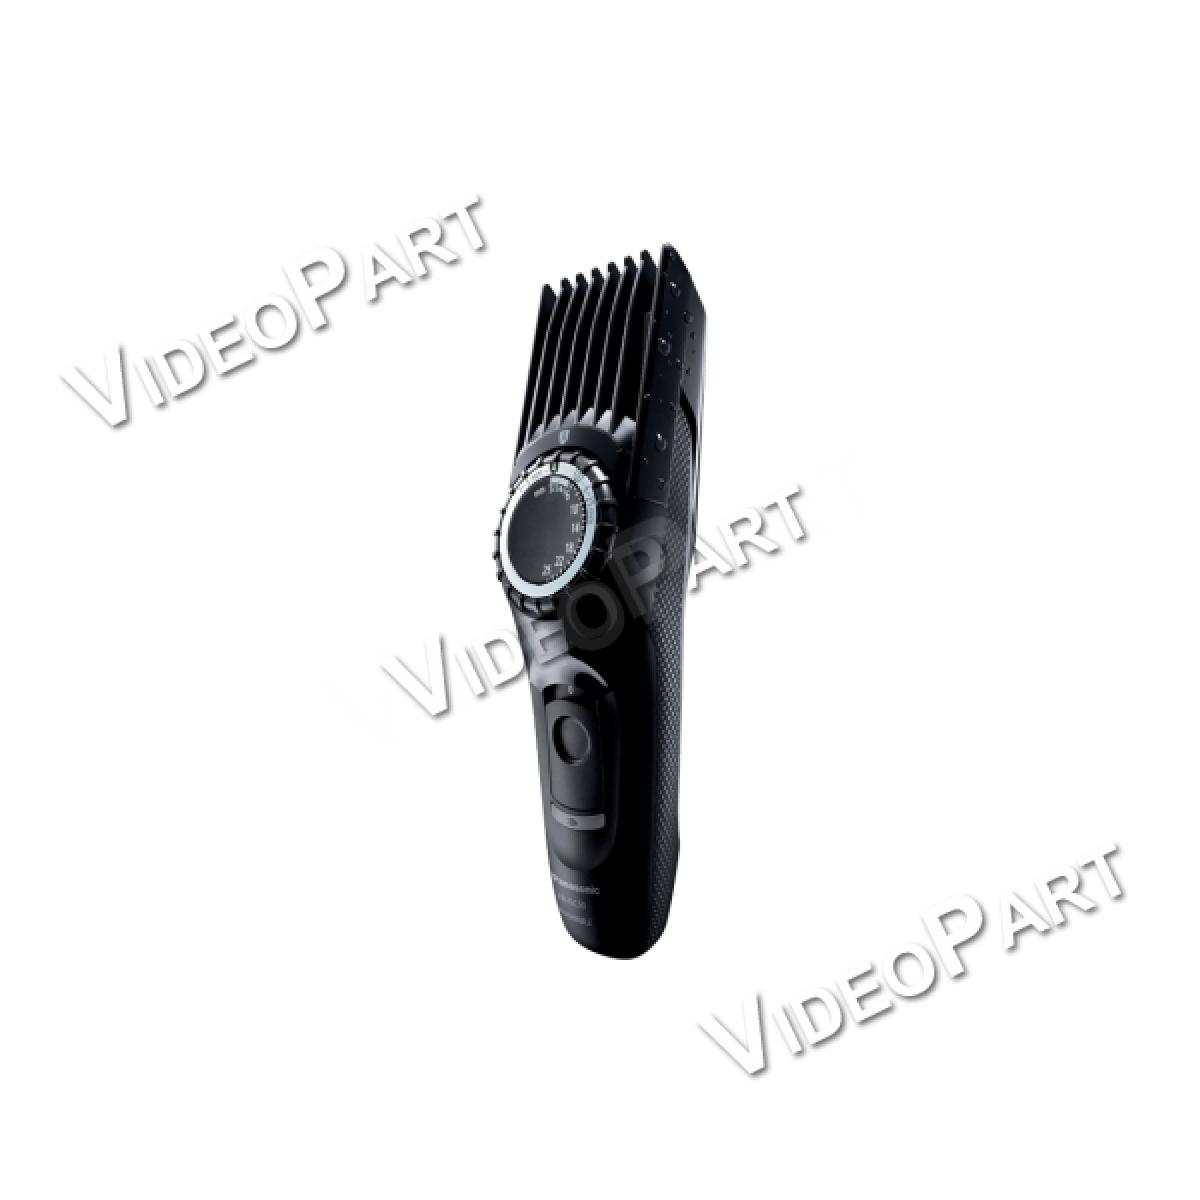 PANASONIC ER-GC50 Mosható elektromos hajnyíró. Mosható elektromos hajnyíró.  Mosható hajvágó ... 8f62c294a0